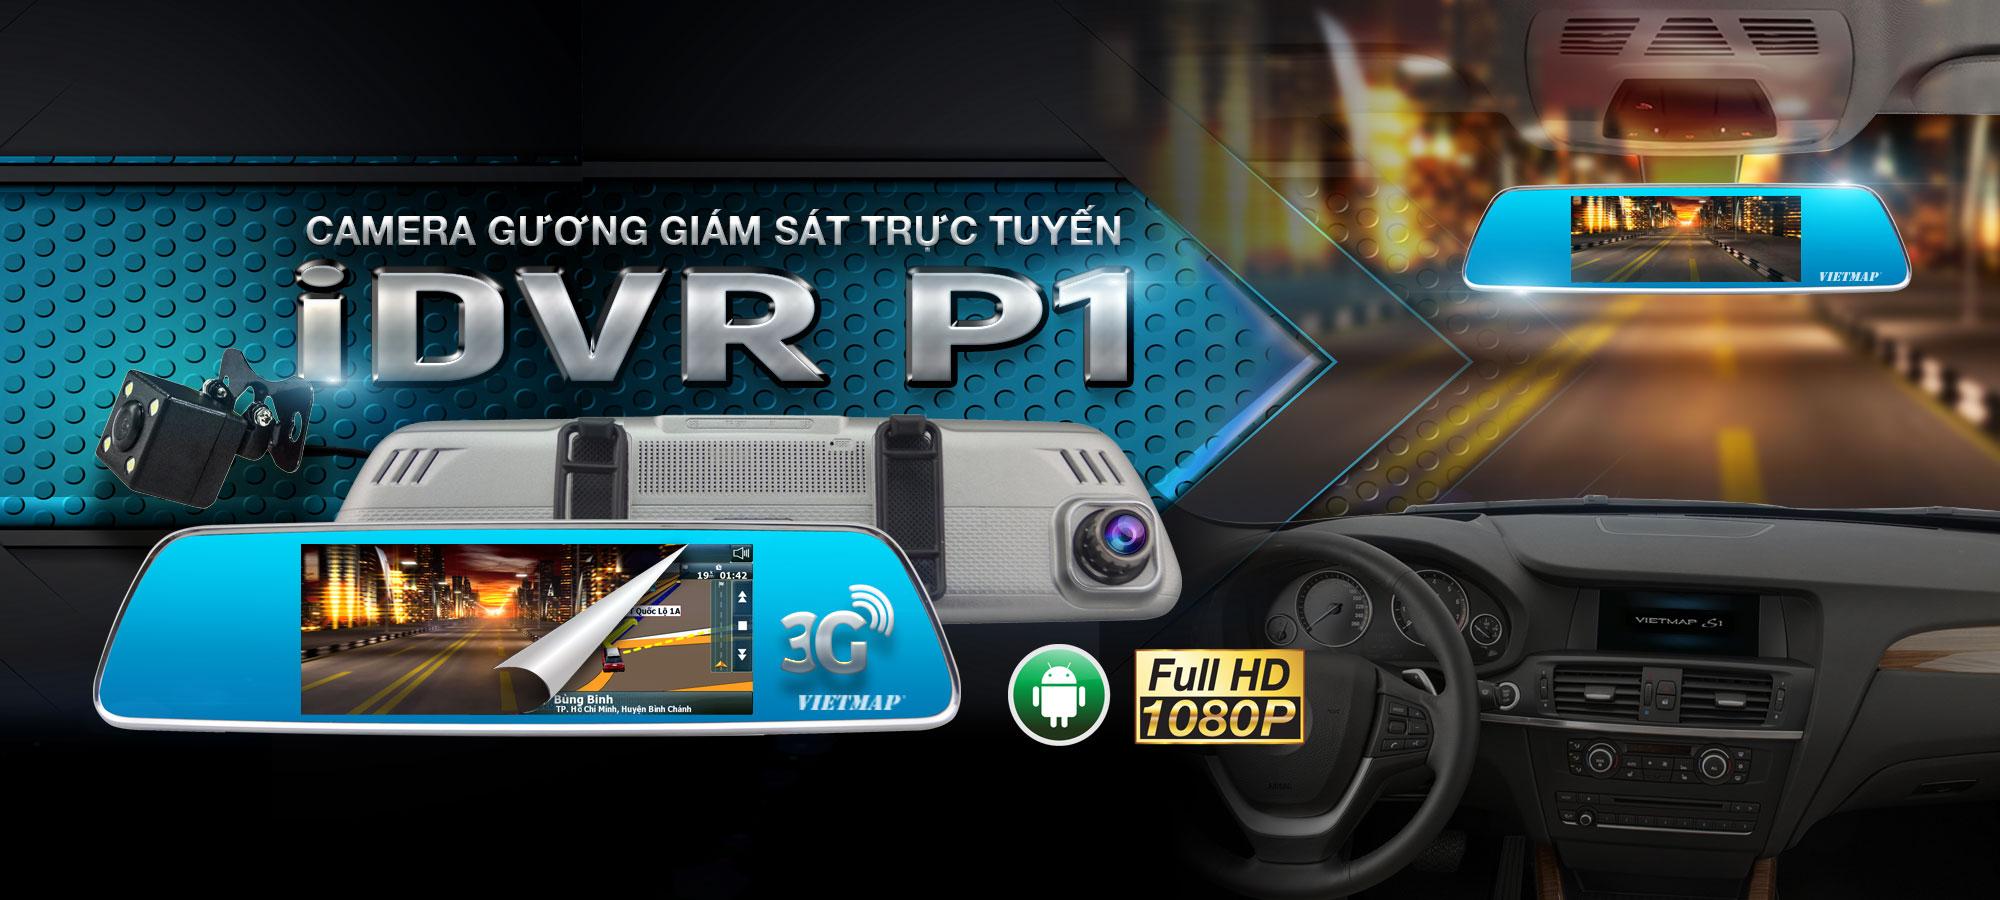 Vietmap IDVR P1 - Camera Hành Trinh Gương Giám Sát Từ Xa